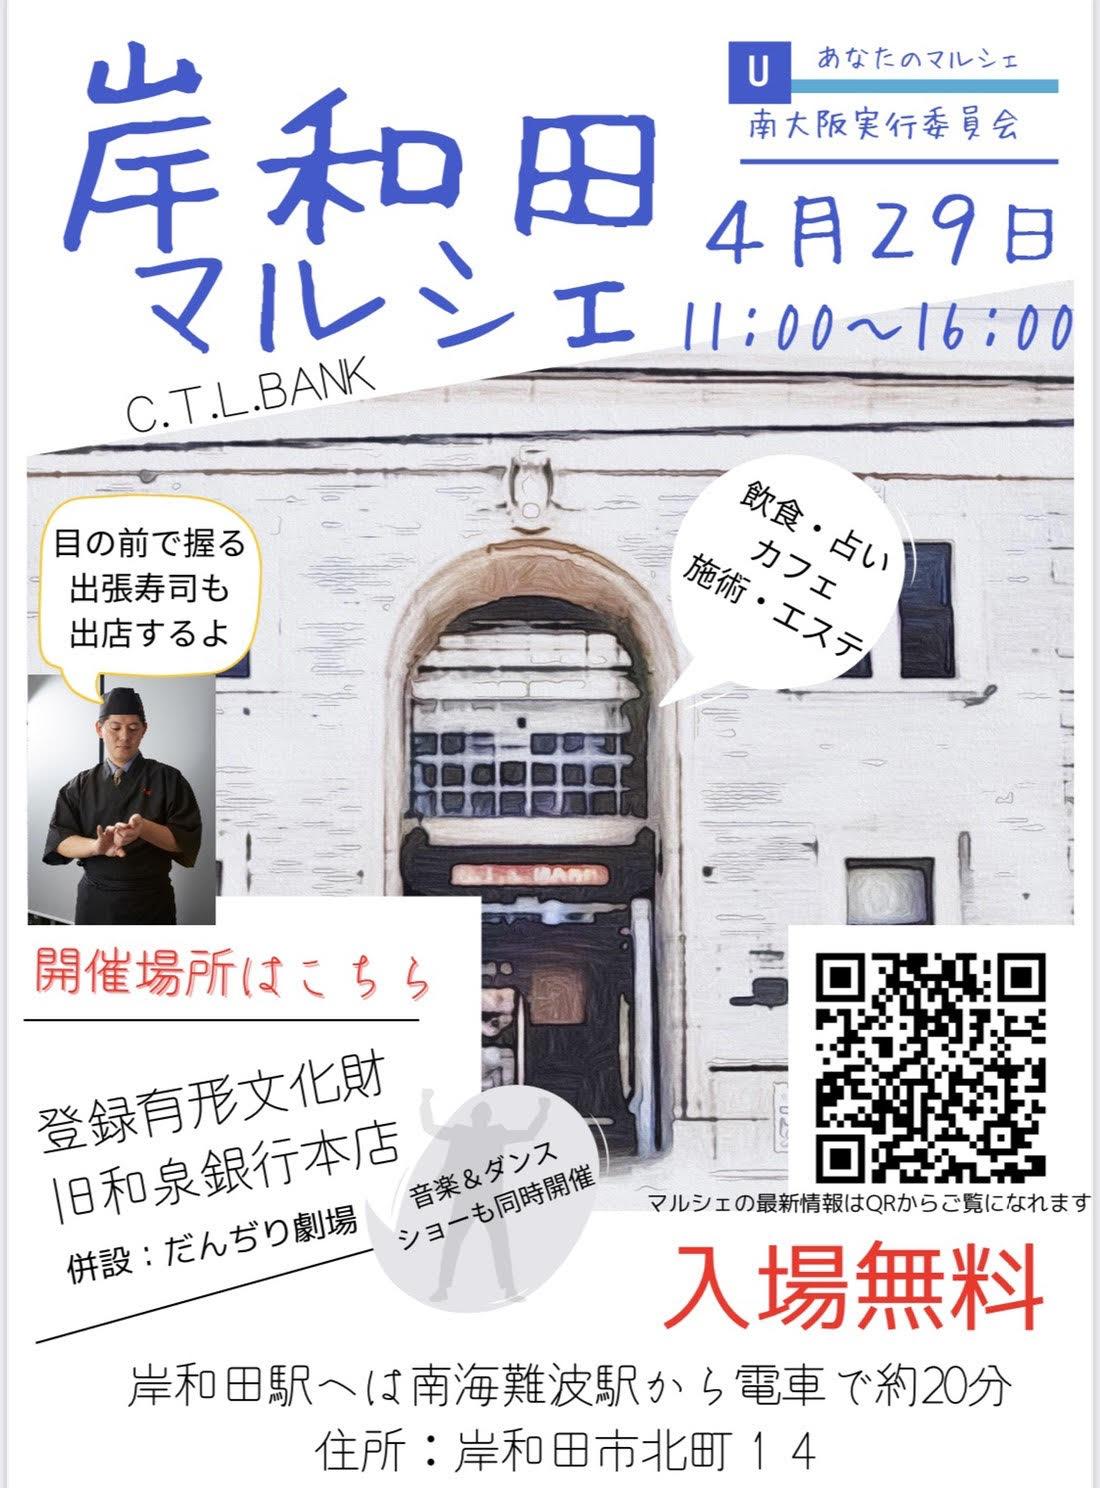 4月29日岸和田マルシェに出店します!